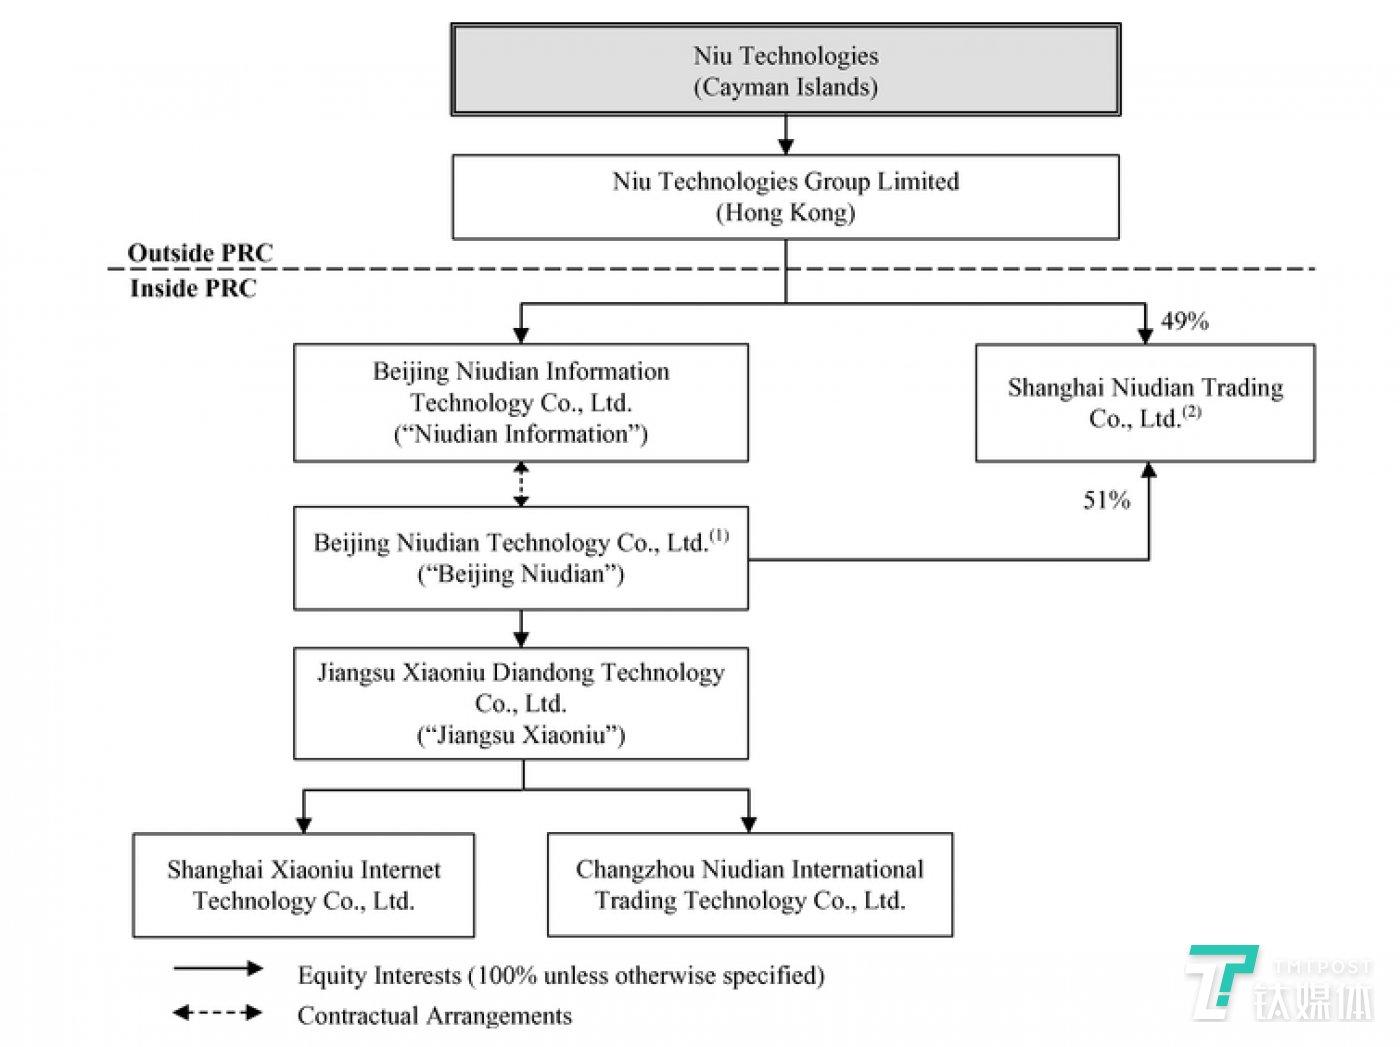 以上为小牛科技的结构,包括它的VIE和它的子公司